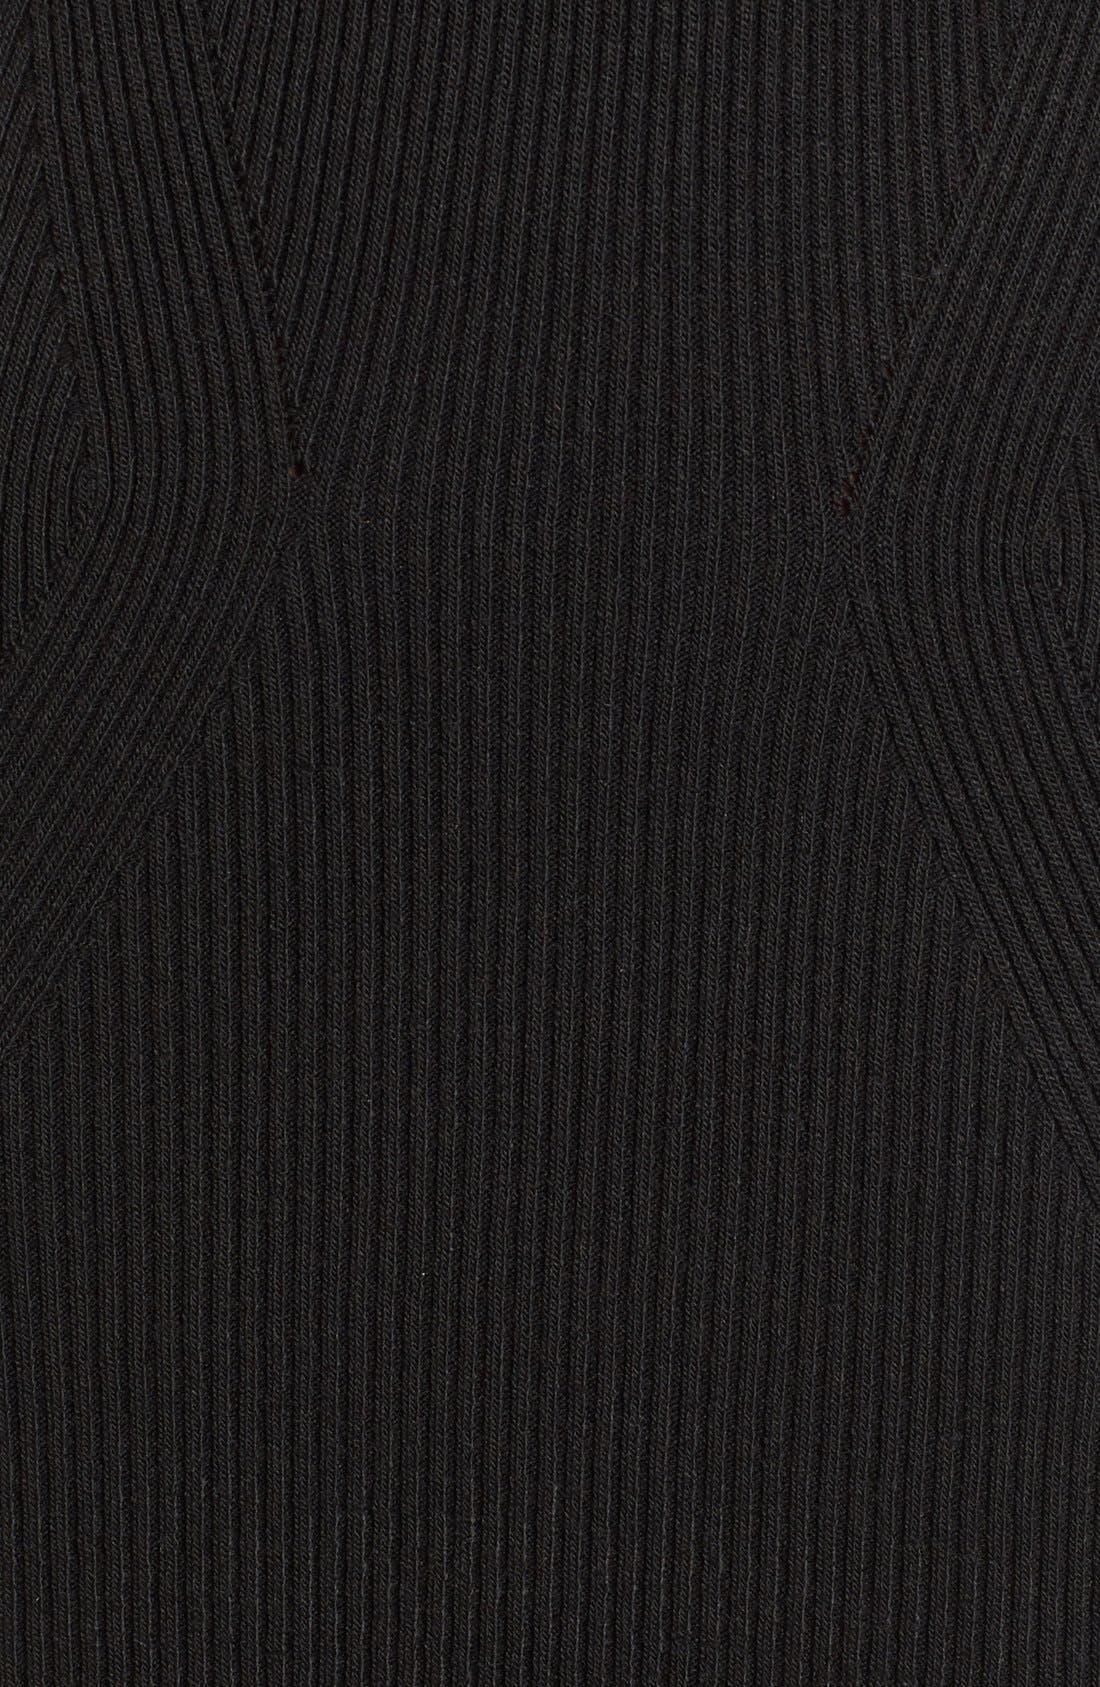 COTTON EMPORIUM,                             Off the Shoulder Knit Body-Con Dress,                             Alternate thumbnail 2, color,                             001